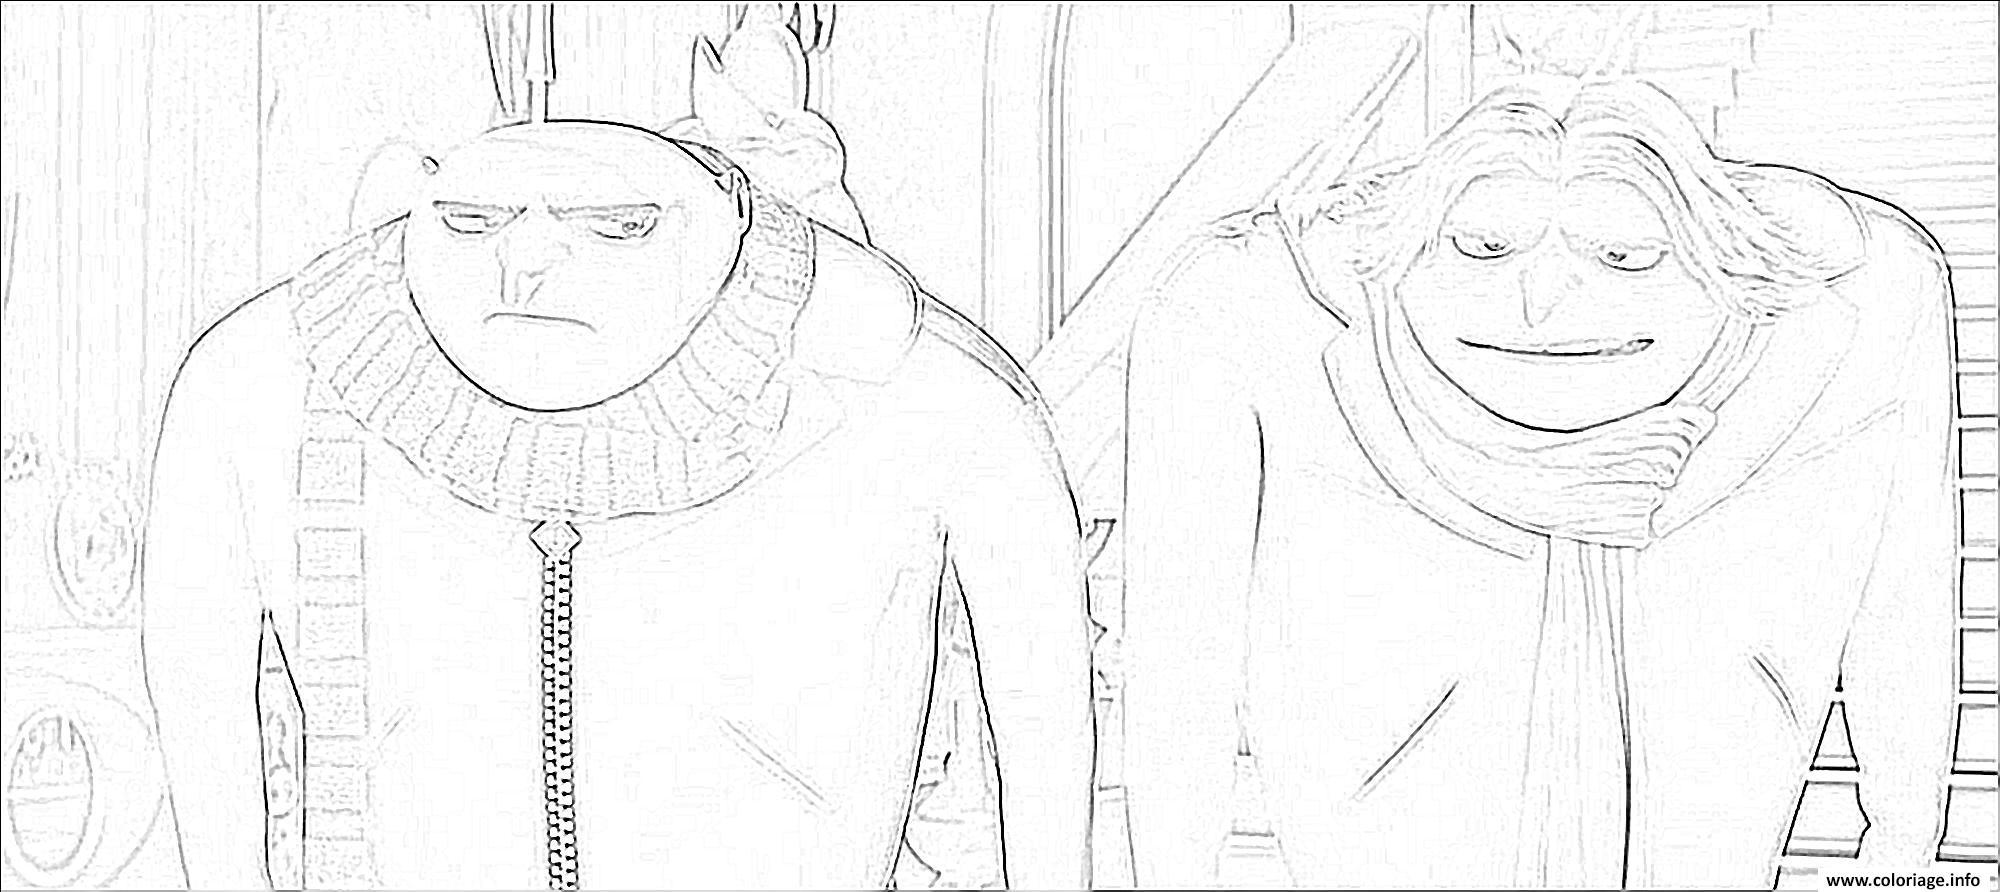 Coloriage moi moche et mechant 3 gru frere jumeau dessin - Dessin de moi moche et mechant ...